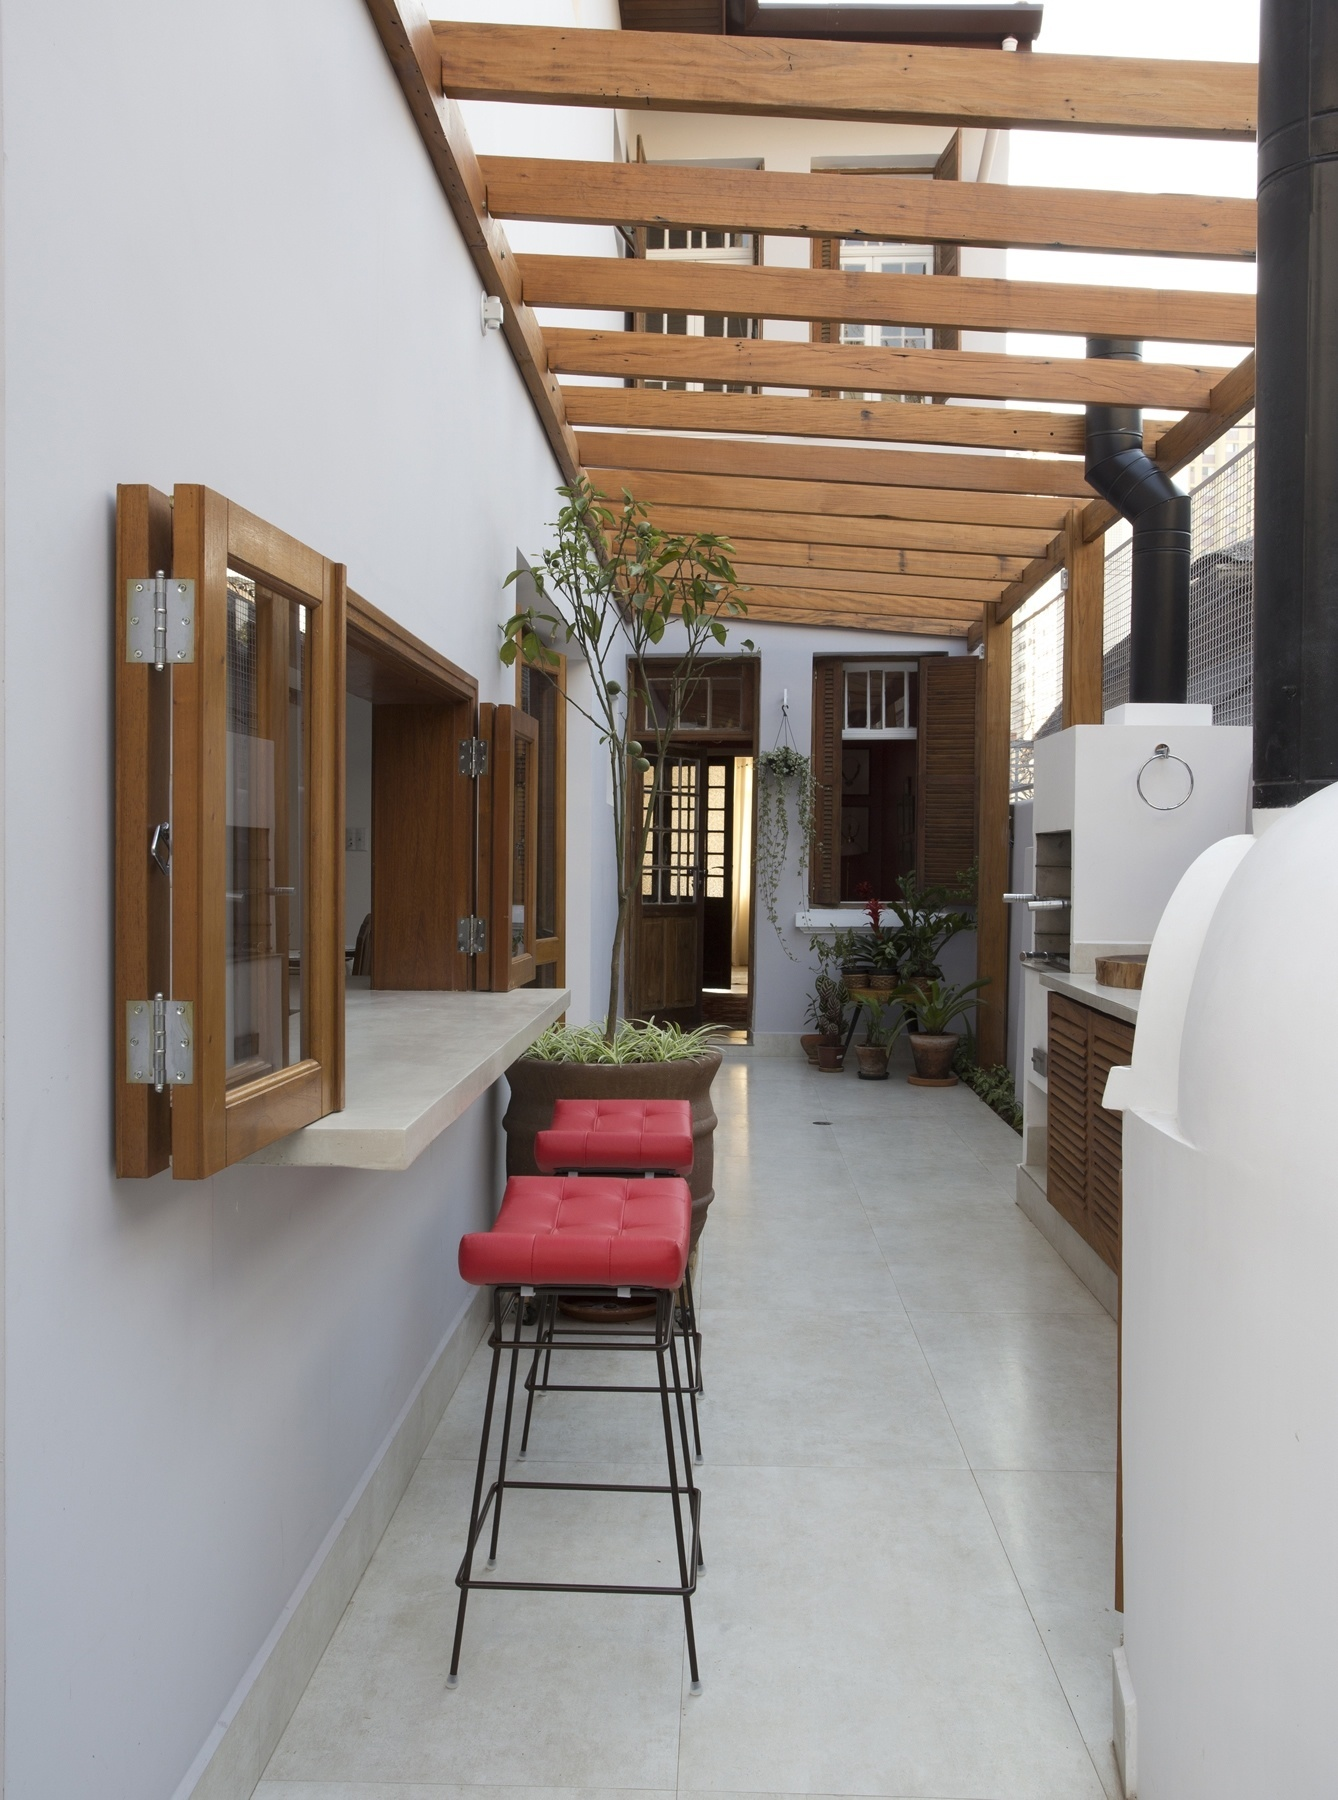 A cozinha é integrada ao espaço gourmet por portas articuladas (camarão) com folhas que deslizam sobre trilhos inseridos no piso de porcelanato (áreas interna e externa). O novo ambiente ocupa a antiga lavanderia (corredor lateral) e funciona como área de lazer e recepção da casa, com churrasqueira e forno de pizza, além de um pergolado em madeira de demolição. O projeto de reforma é do escritório SET Arquitetura para a recuperação da casa na Liberdade, em São Paulo, construída nos anos 1950